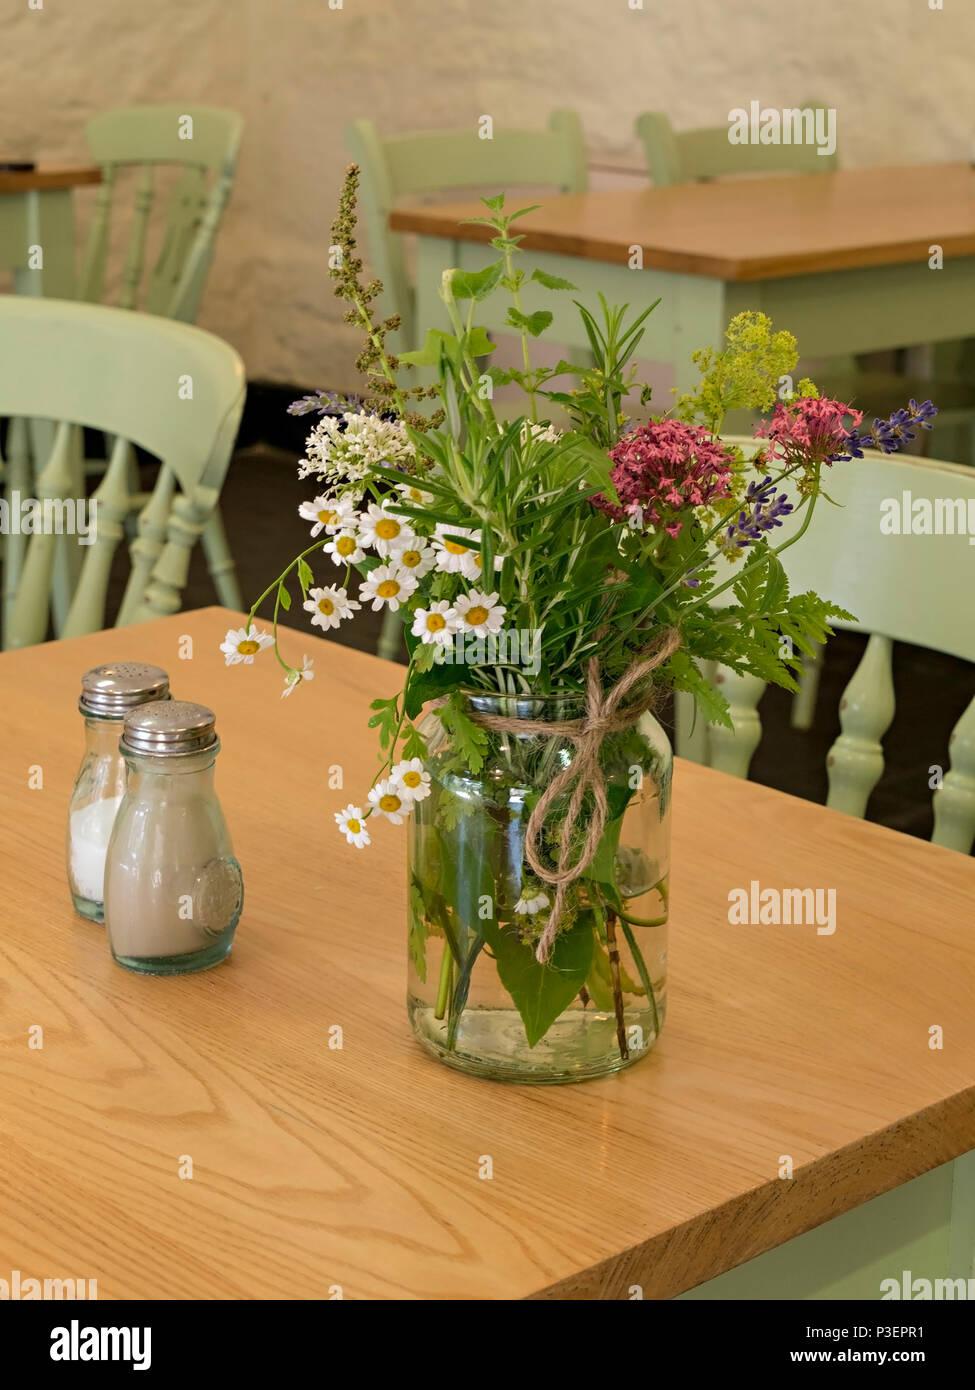 Simple Pequeño Arreglo Floral En Vidrio Jam Jar Utilizados